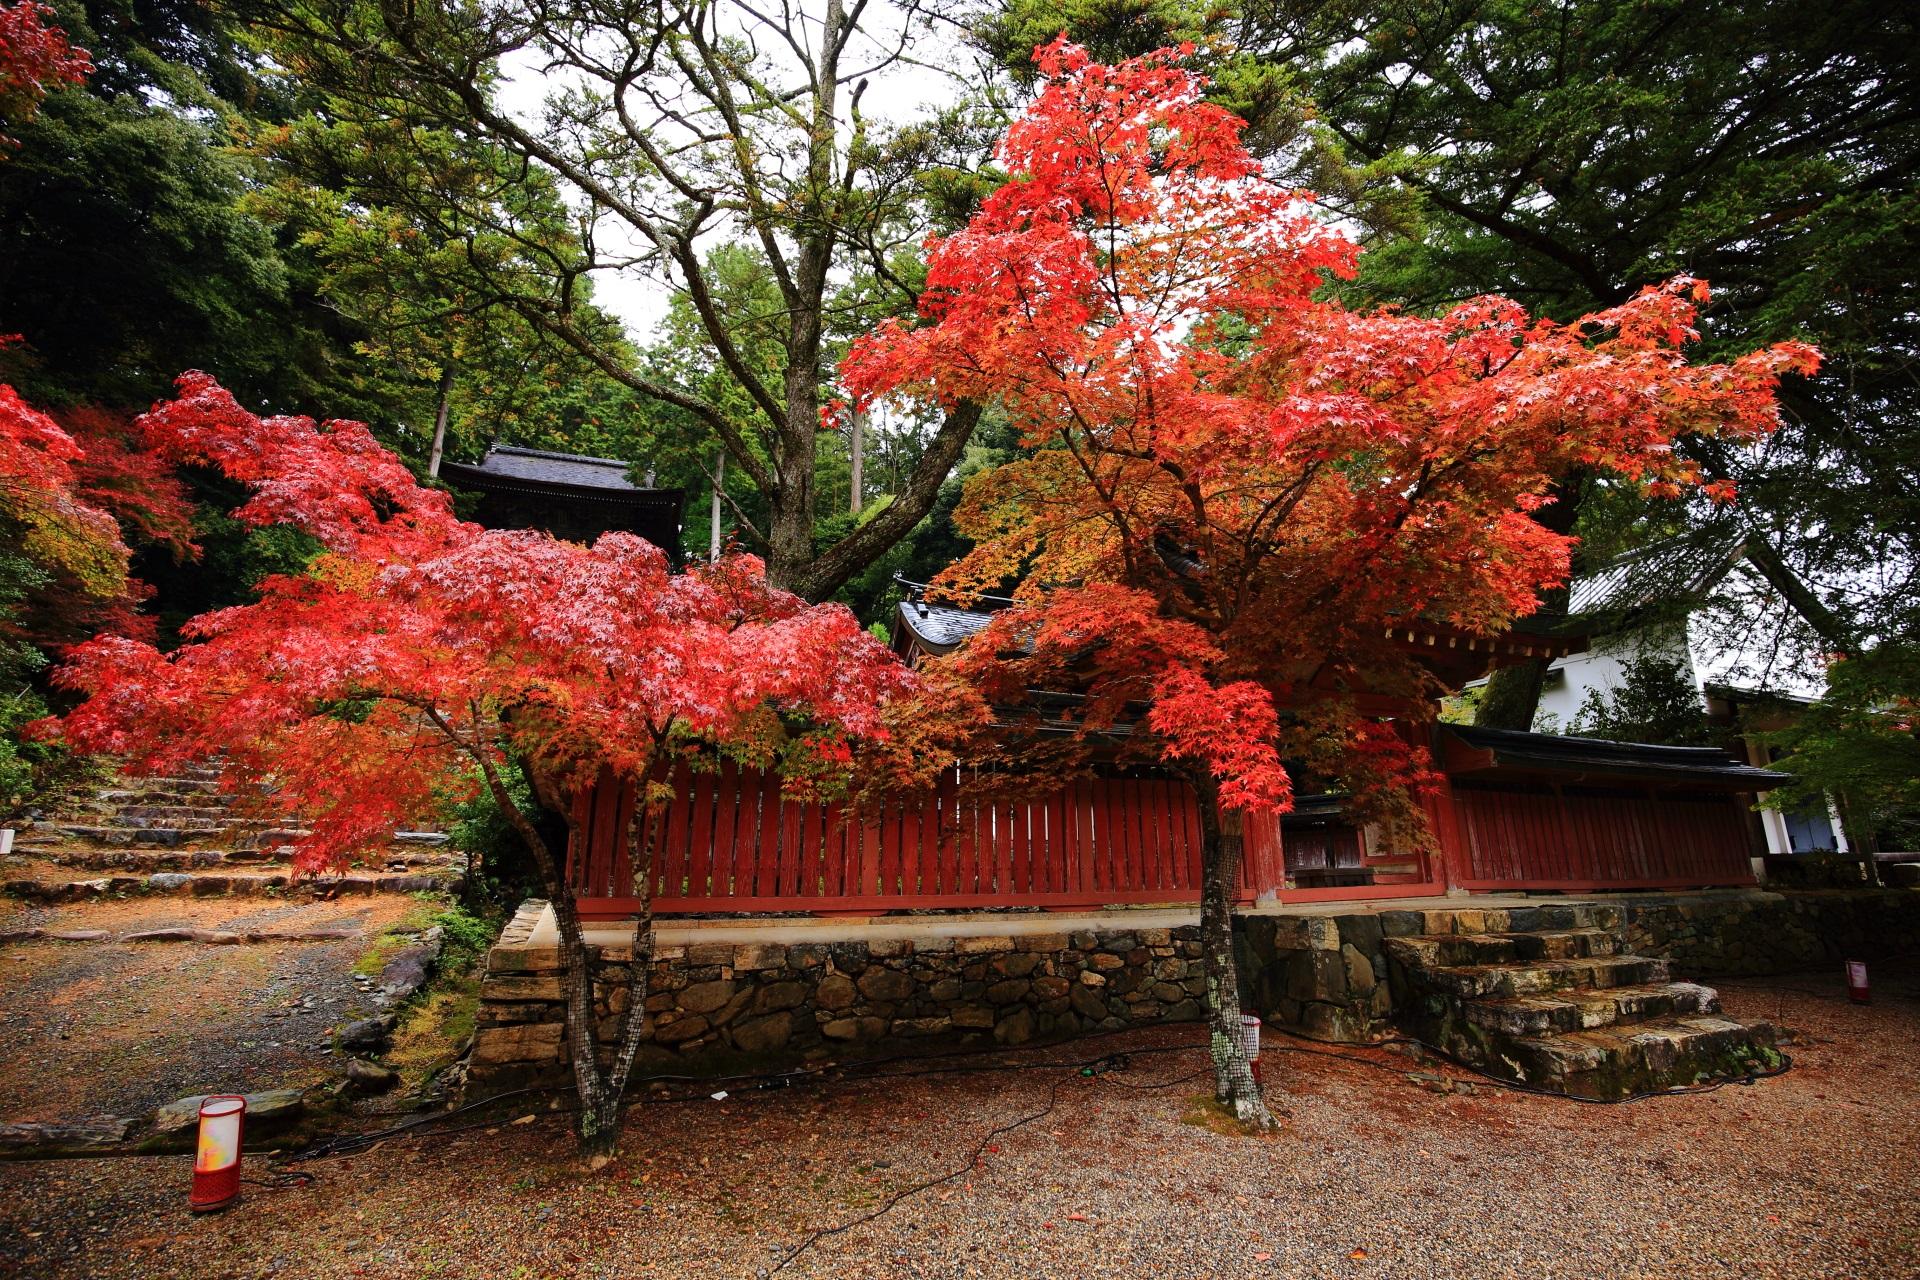 優雅に枝を伸ばす和気清麻呂公霊廟のもみじ